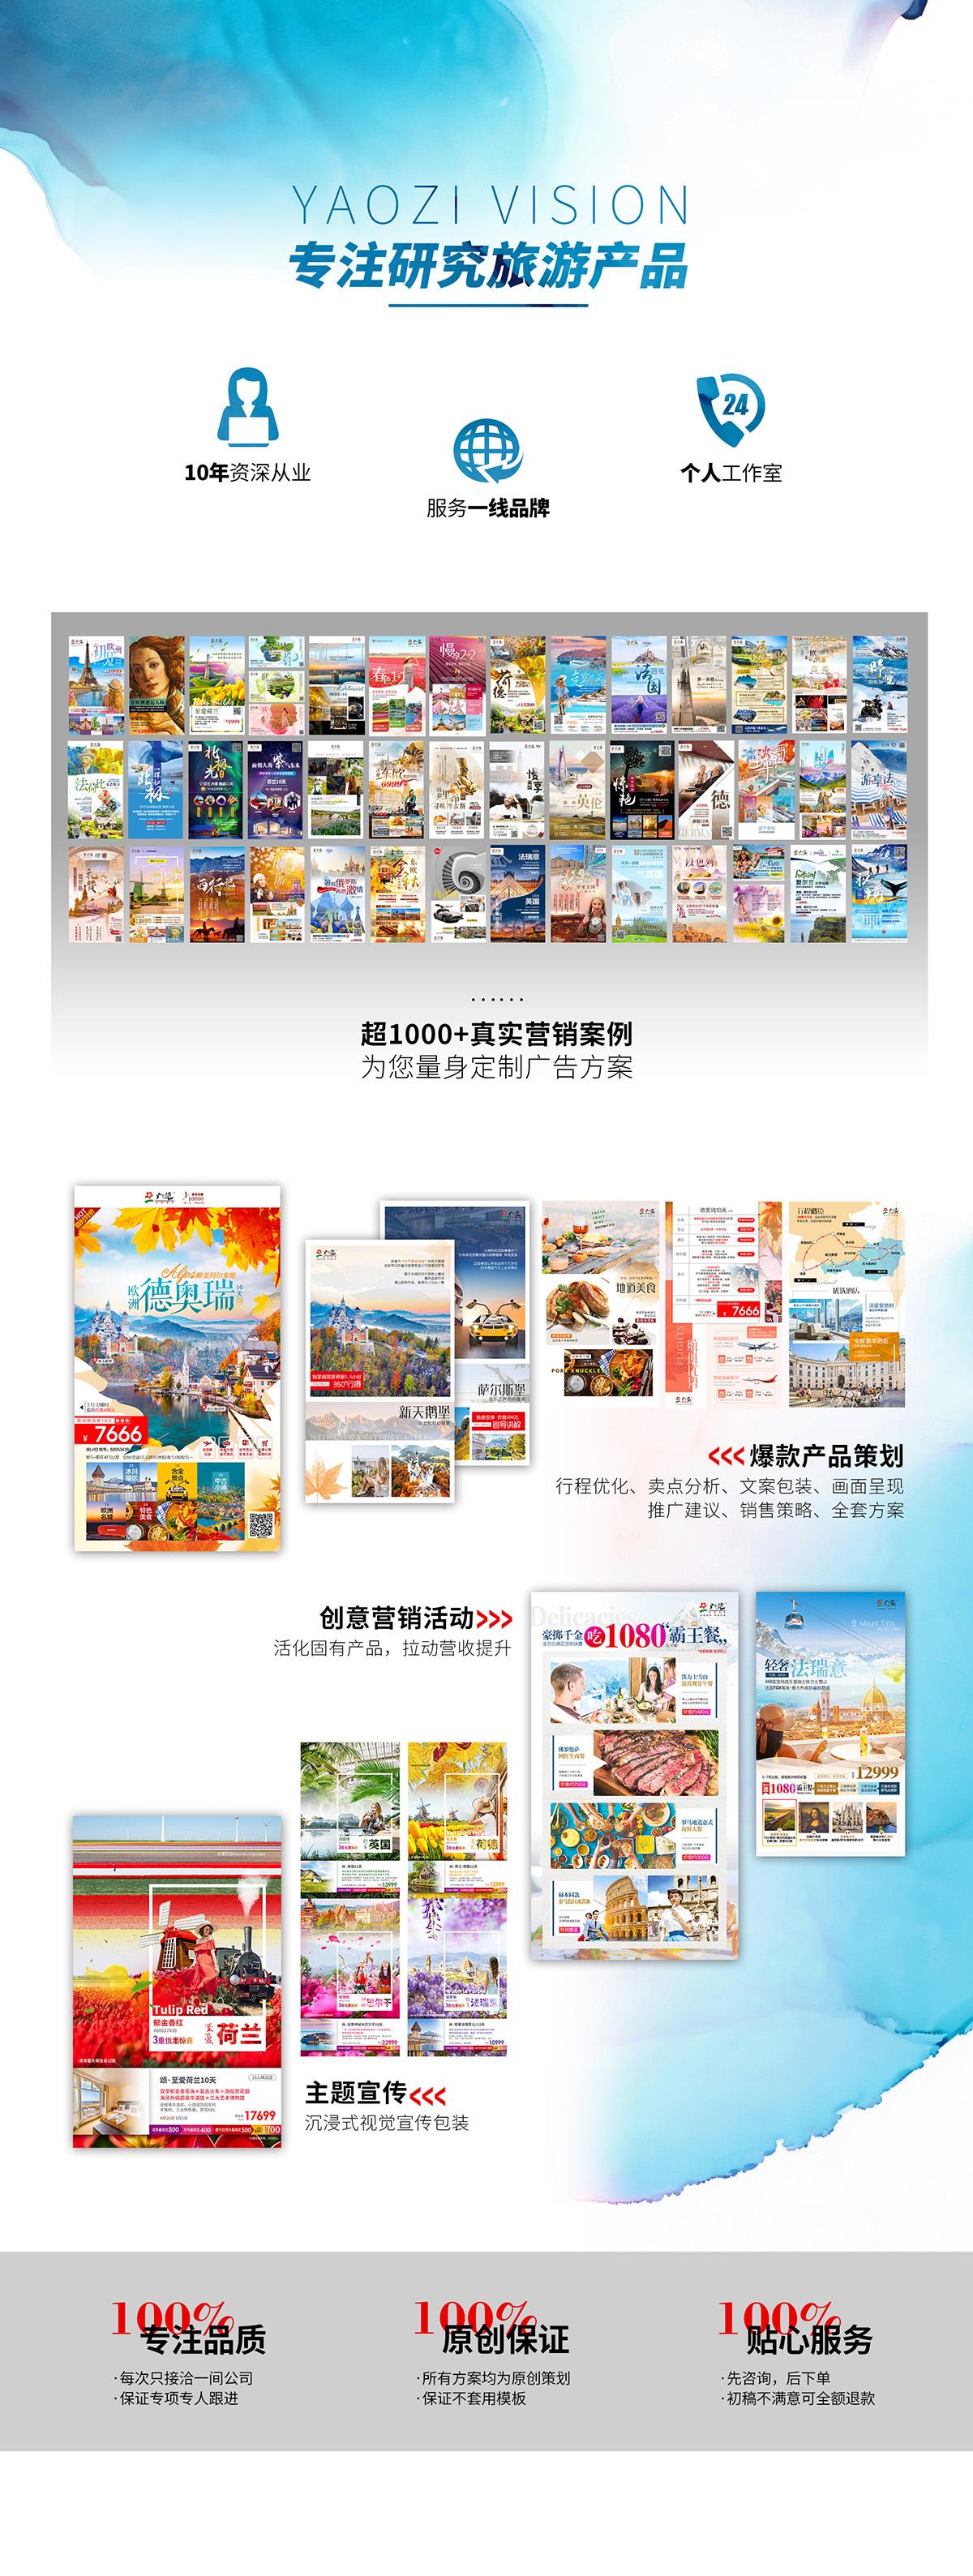 專業旅游產品策劃